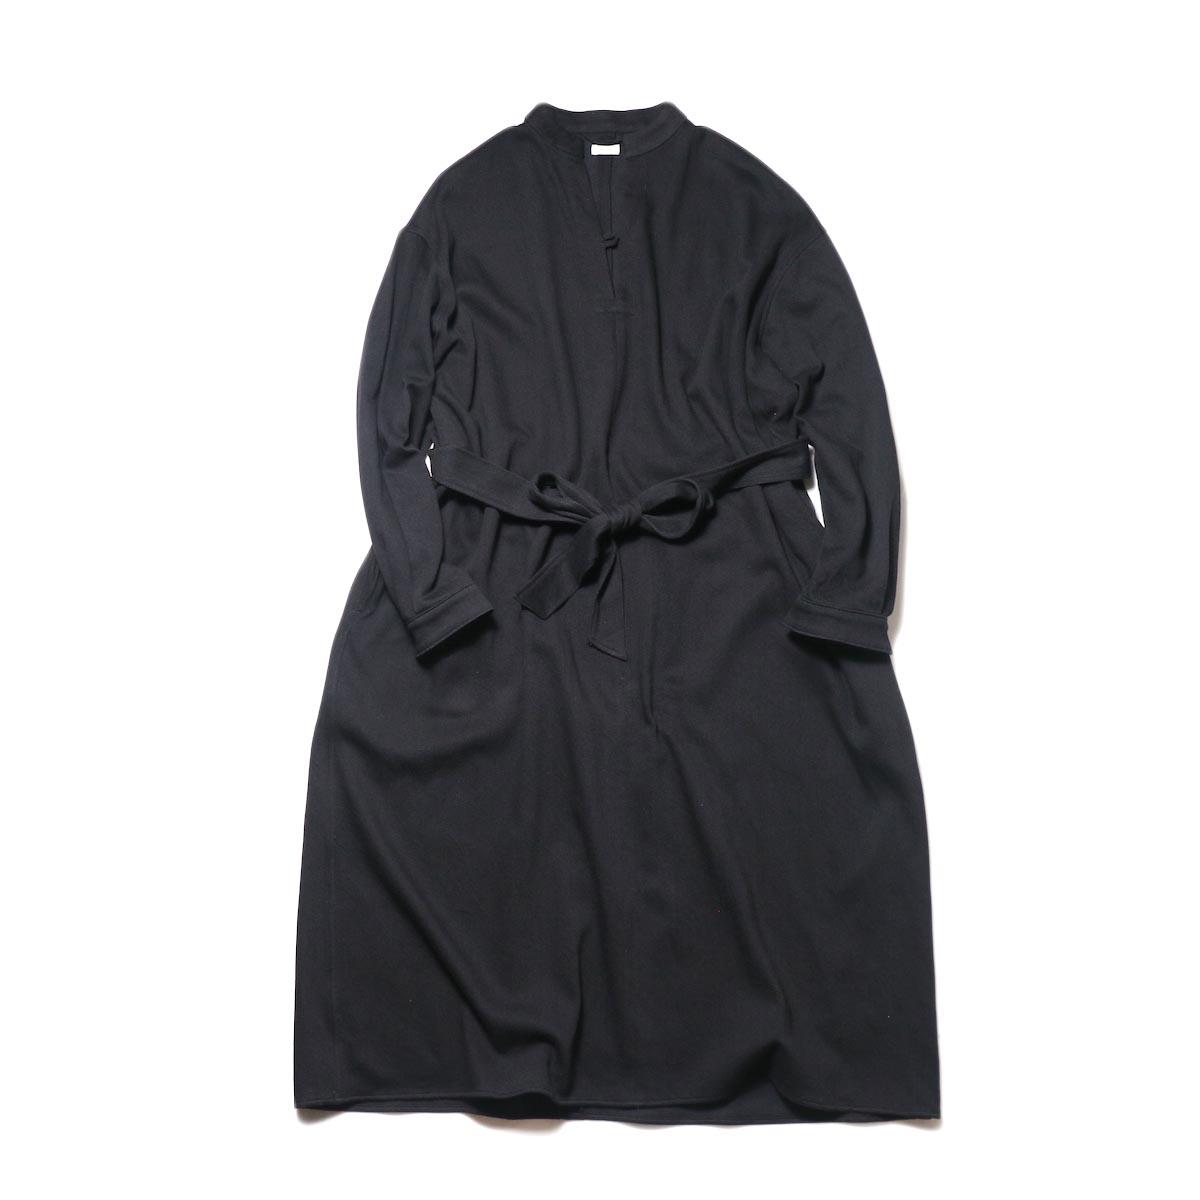 blurhms / WASHED DENIM PULLOVER DRESS L/S (black)